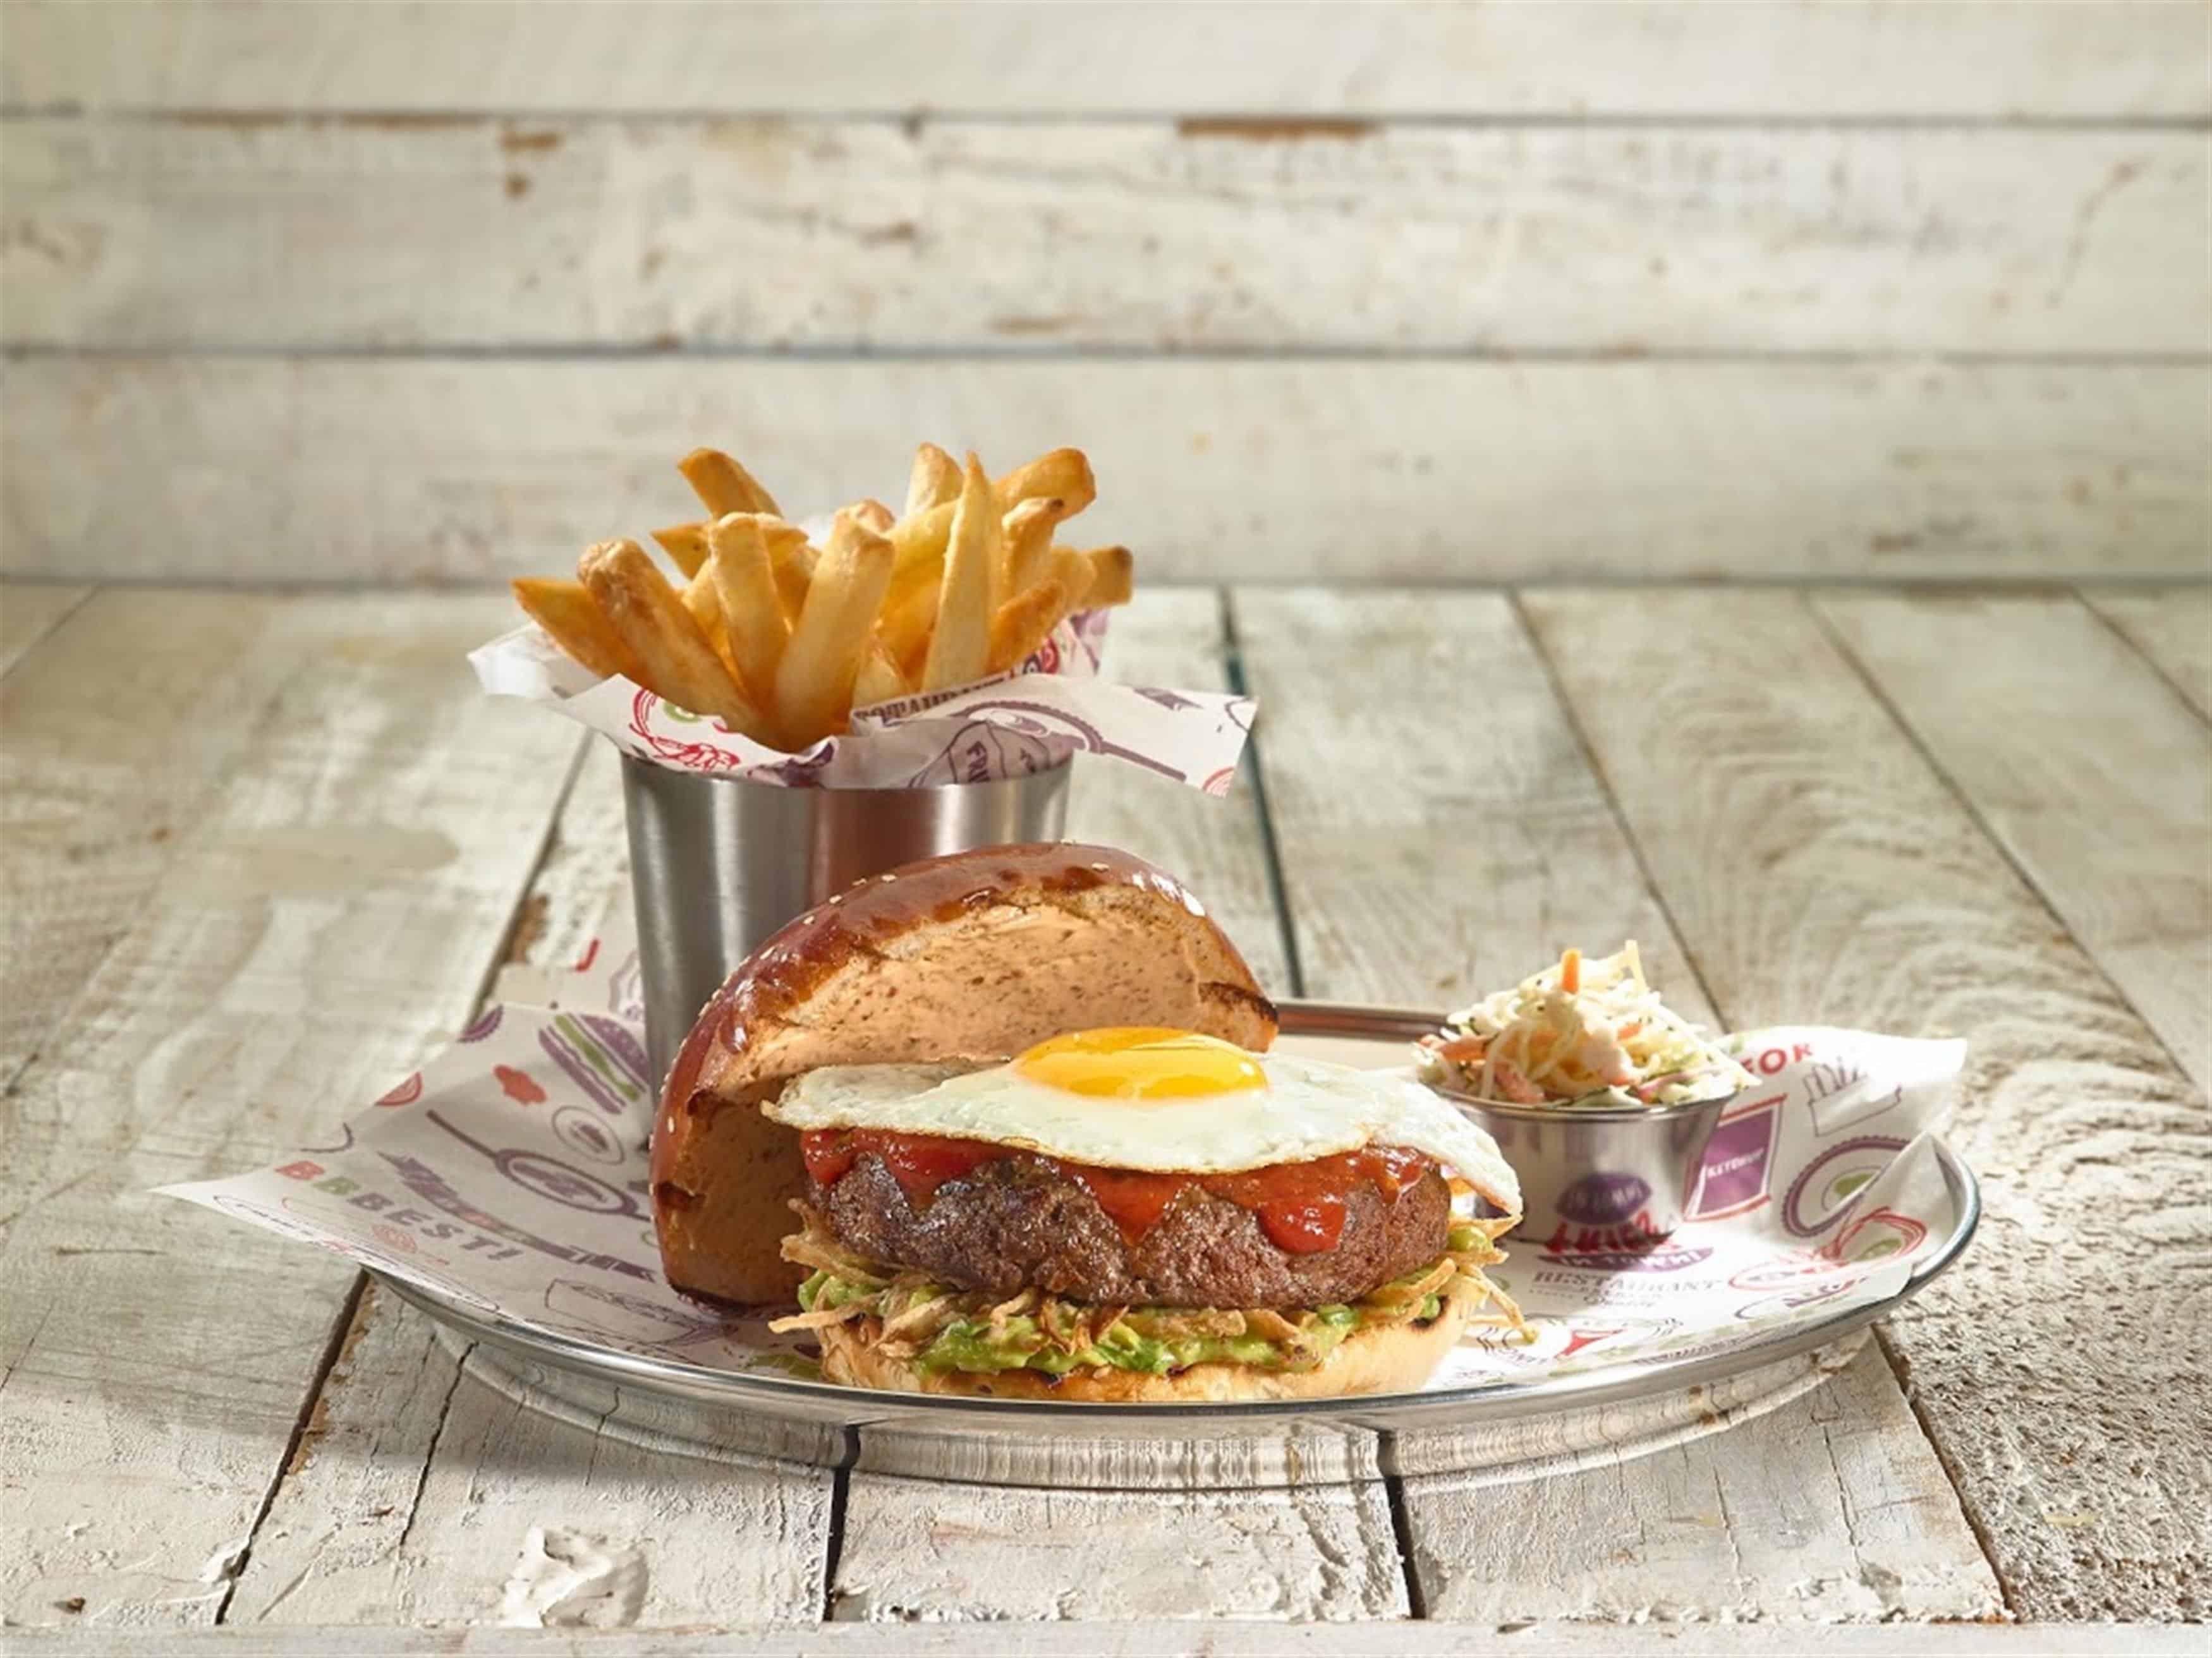 רשת המסעדות BBB המבורגר לטינו צילום יורם אשהיים - עותק